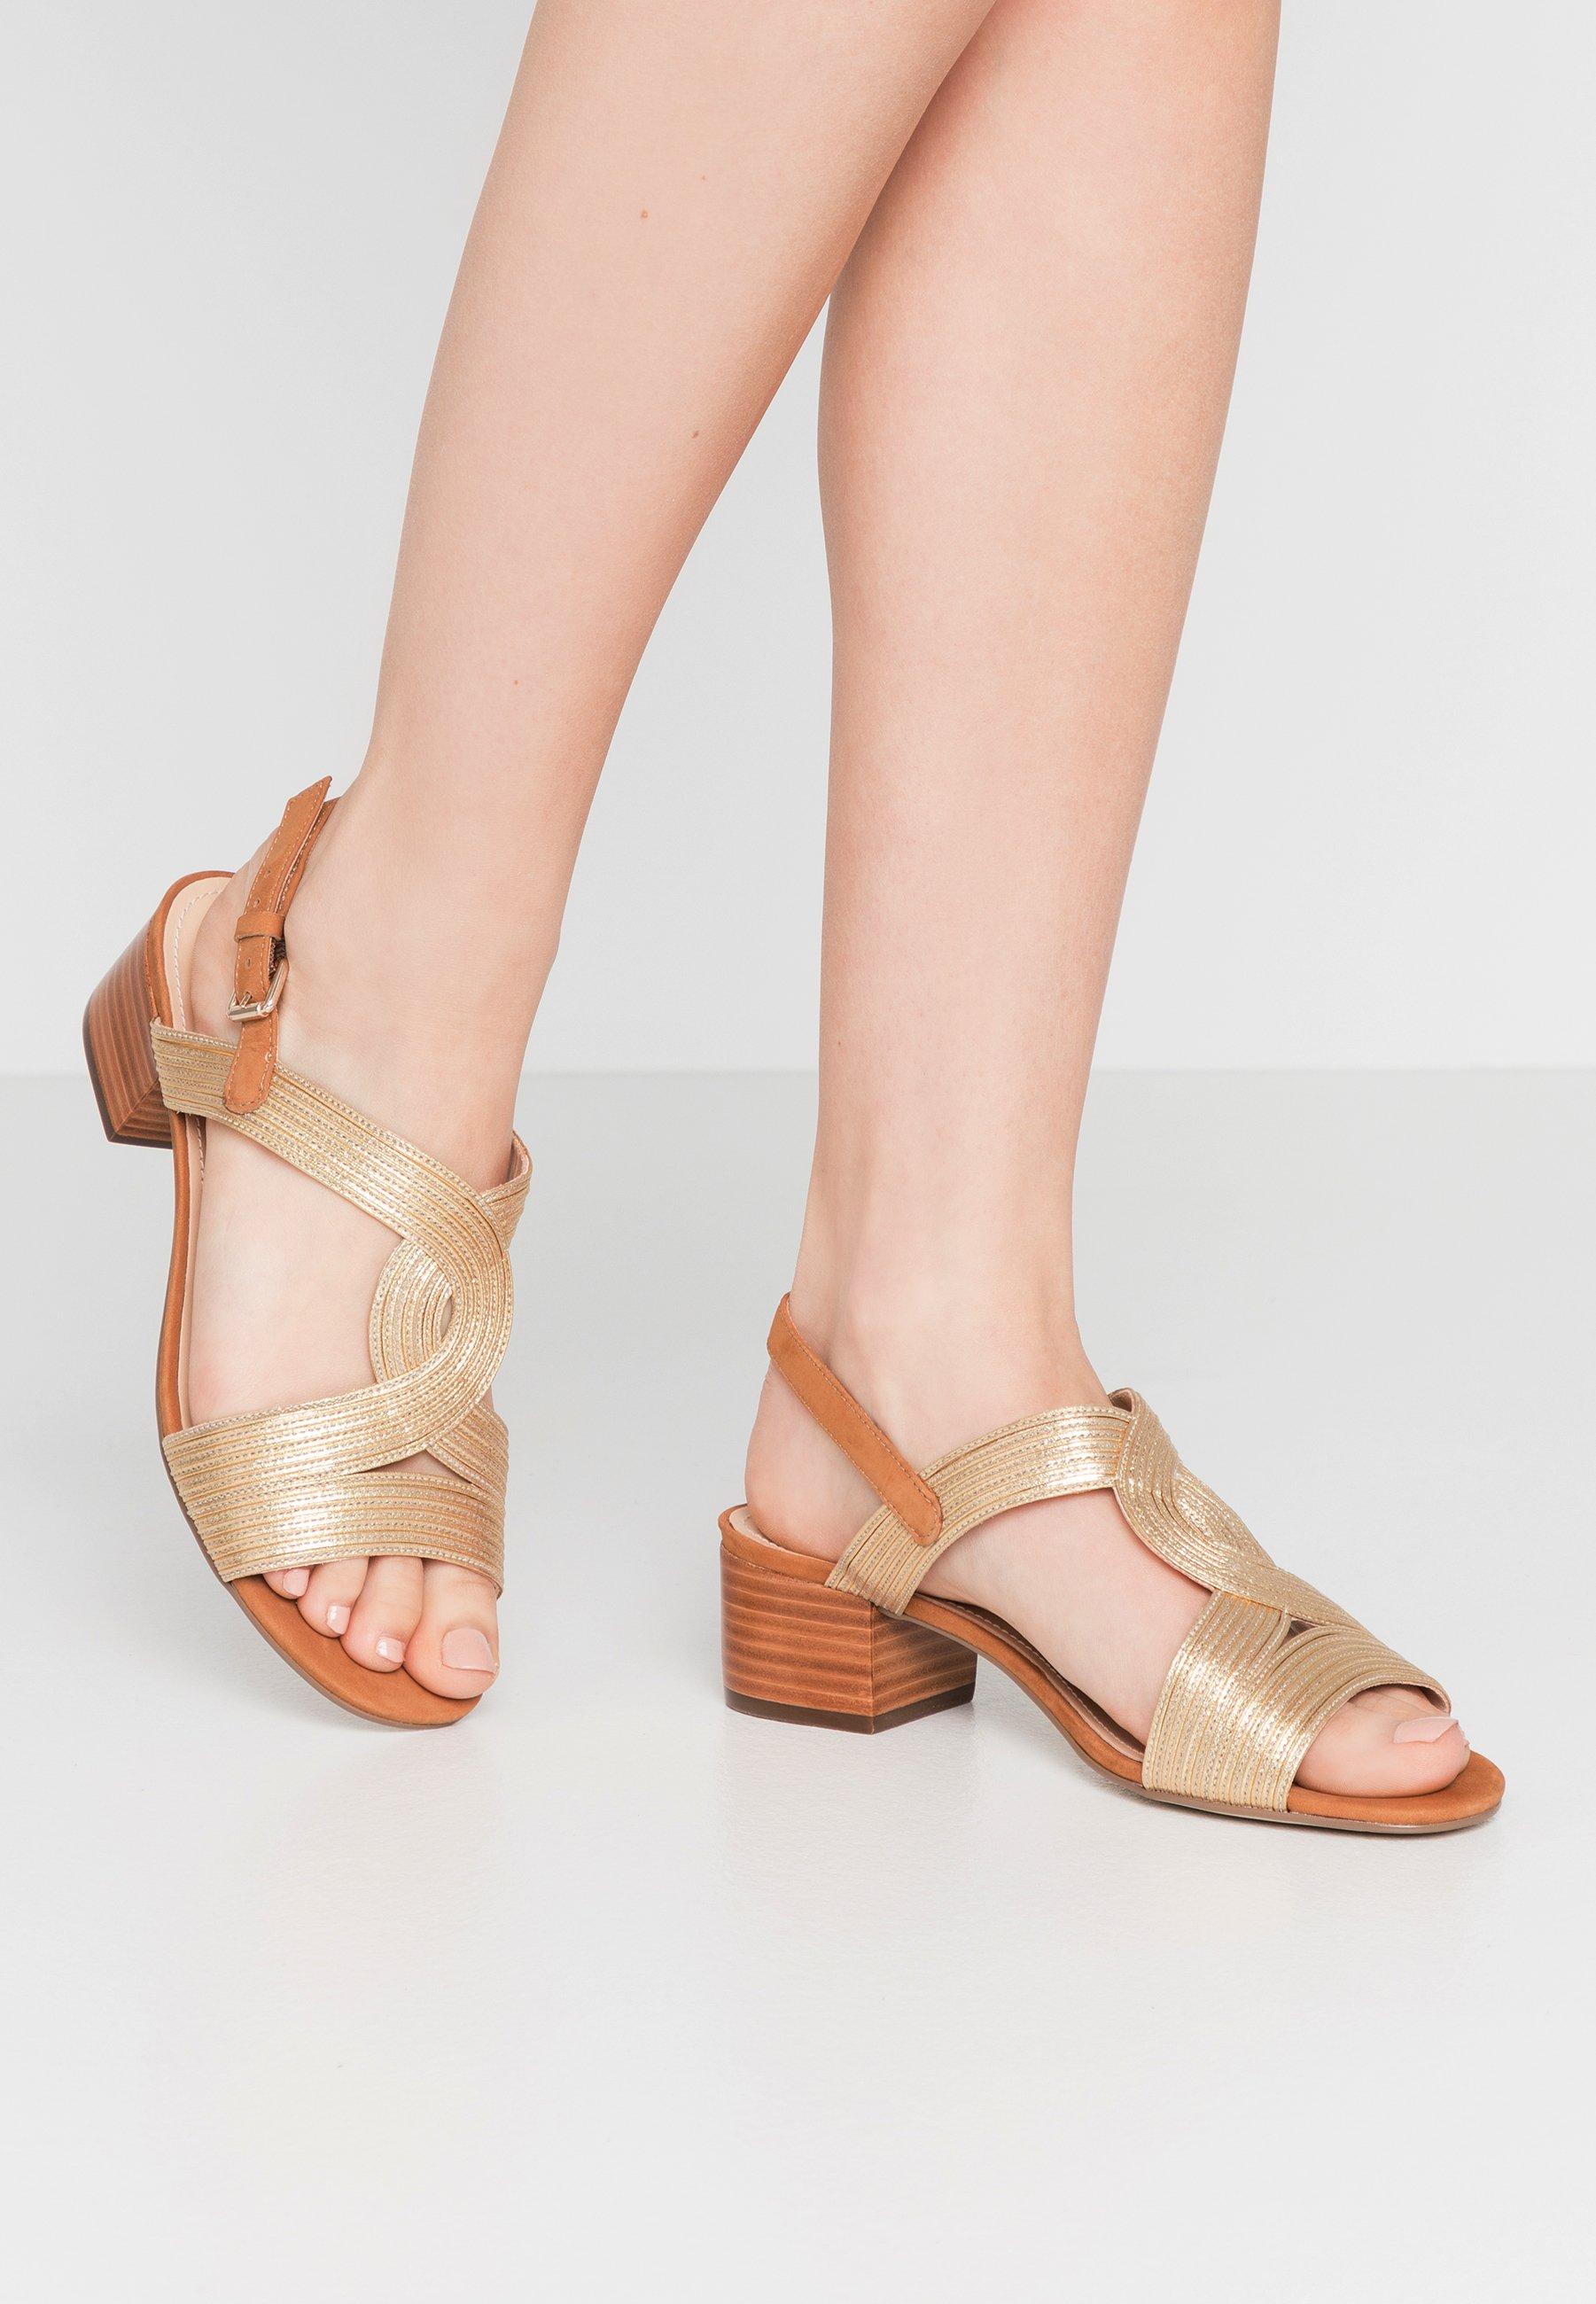 Minelli Schuhe für Damen versandkostenfrei kaufen| ZALANDO